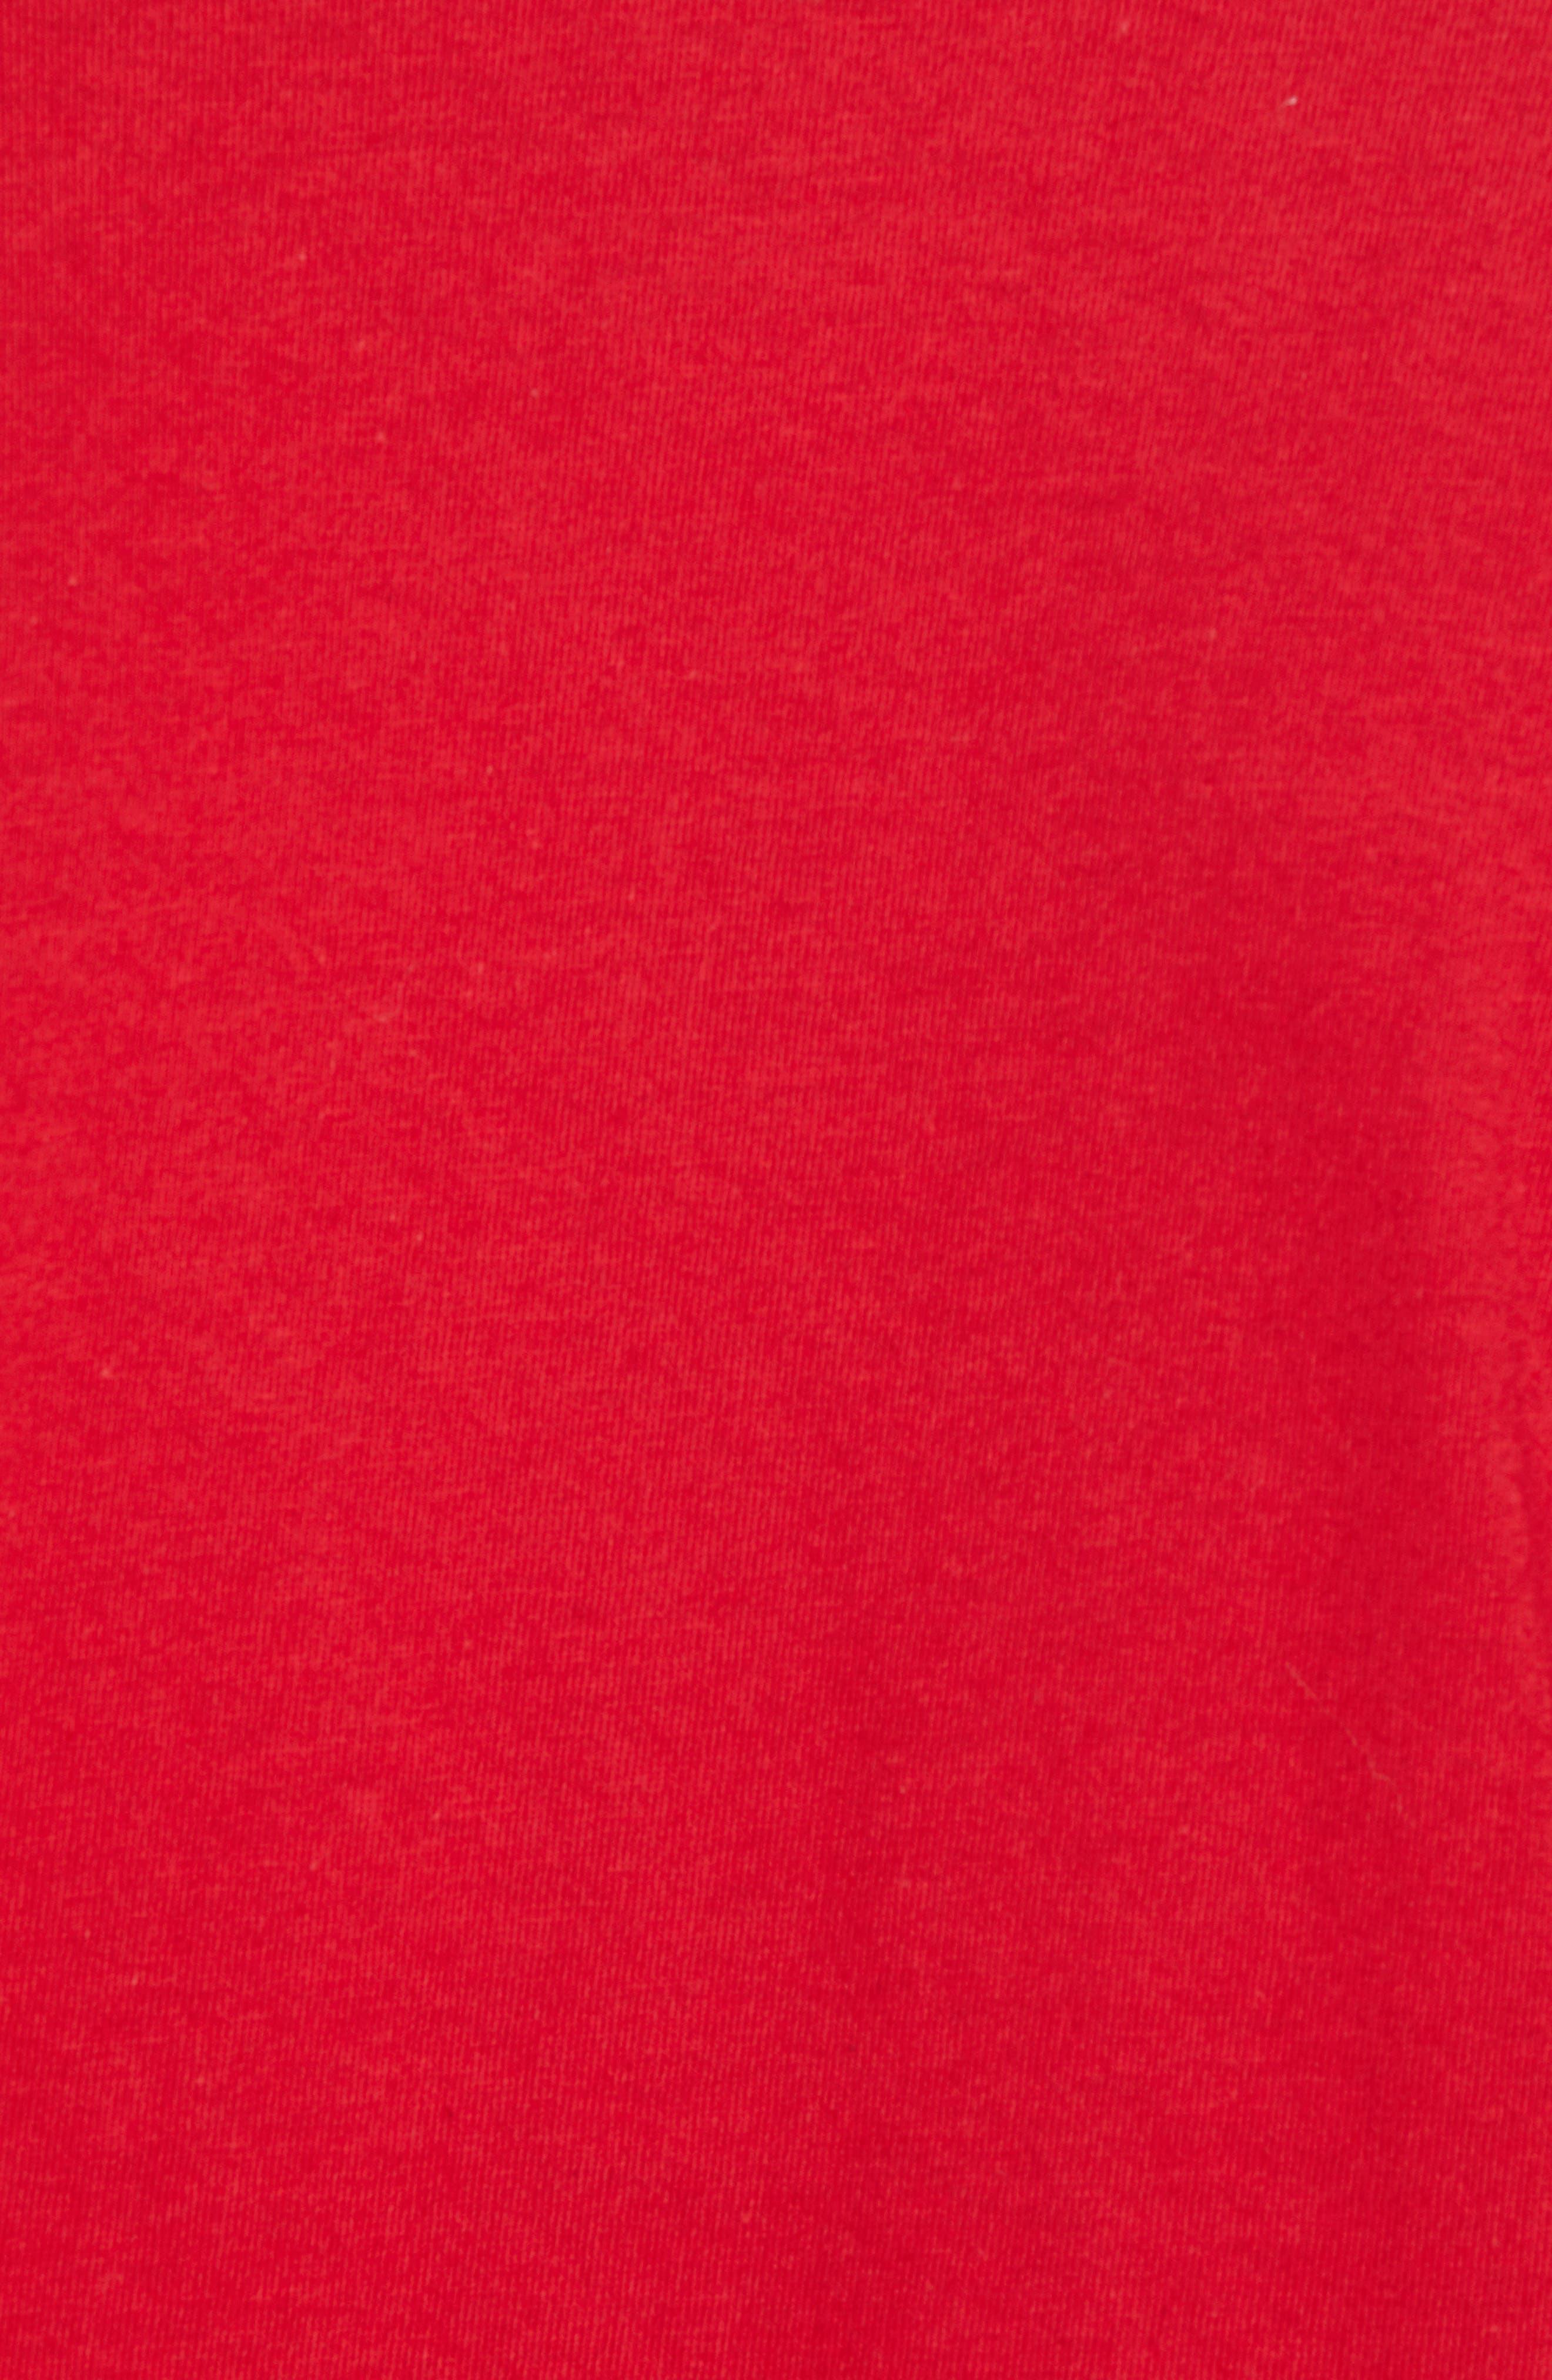 x Marvel<sup>®</sup> Iron Man T-Shirt,                             Alternate thumbnail 5, color,                             Cardinal